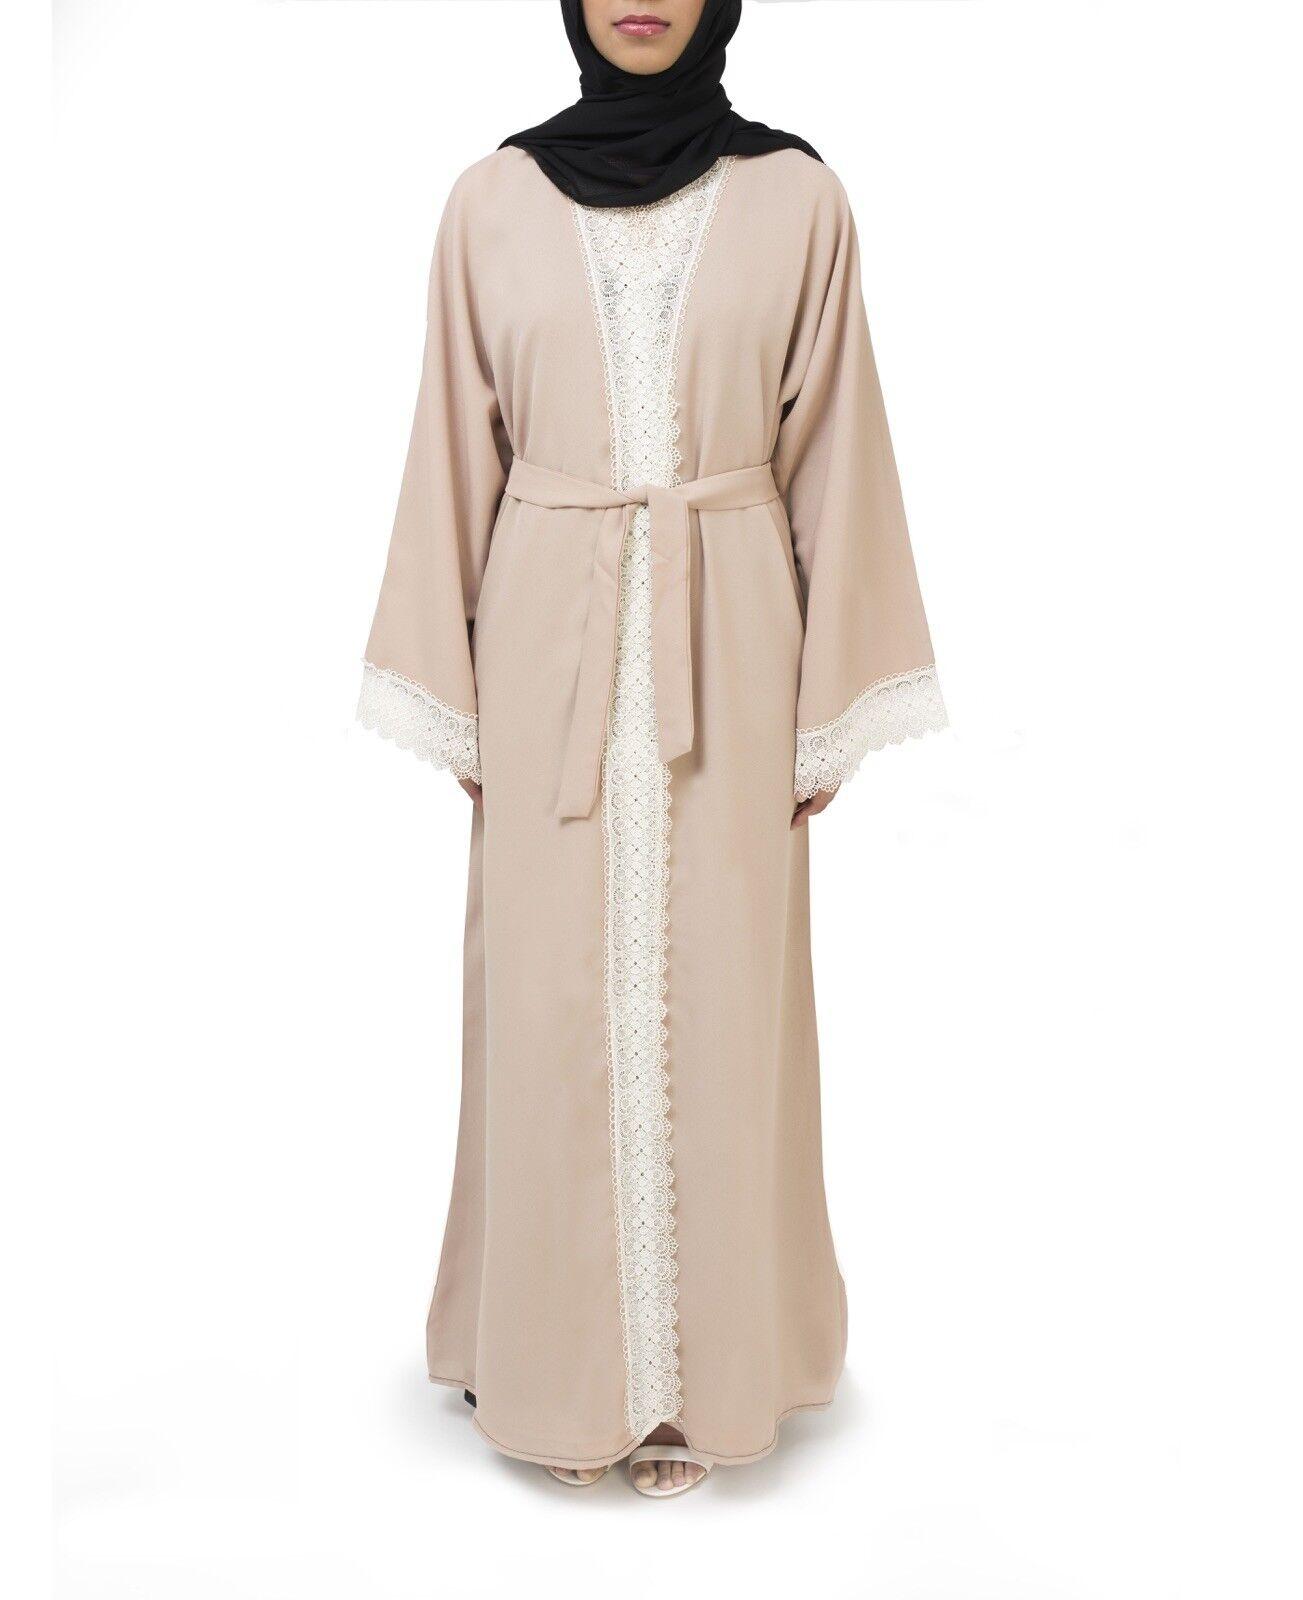 Cream And White Abaya Sizes 52,54,56,58